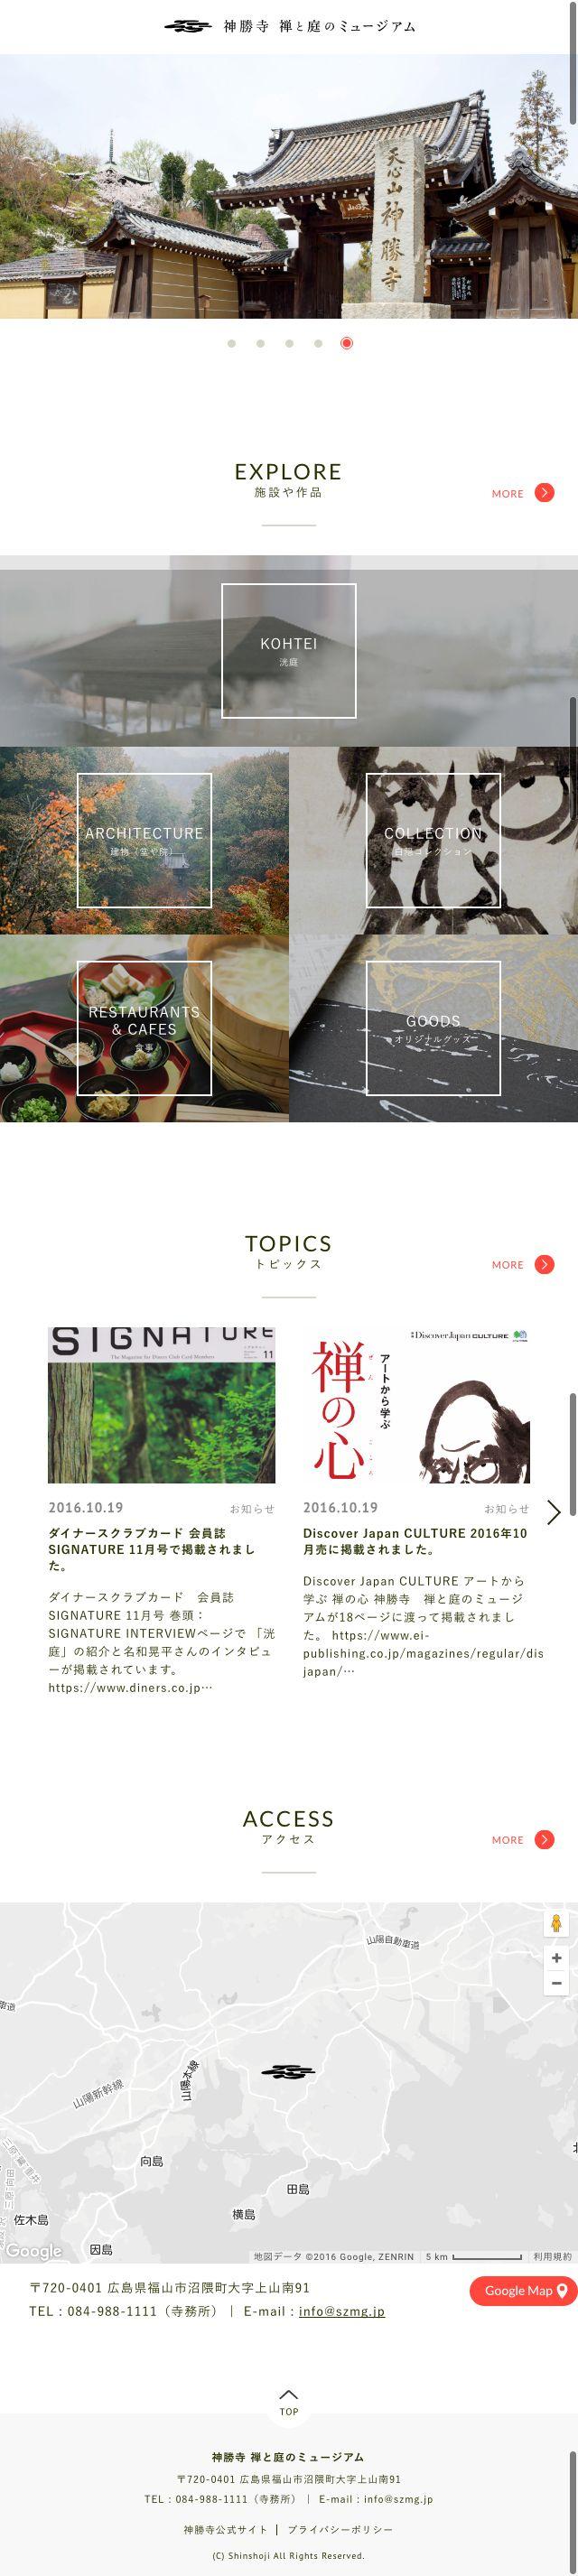 #local-web-design #promotion #left-fix-layout #key-color-green #bg-color-white #Japanese #Flat-design #Slider